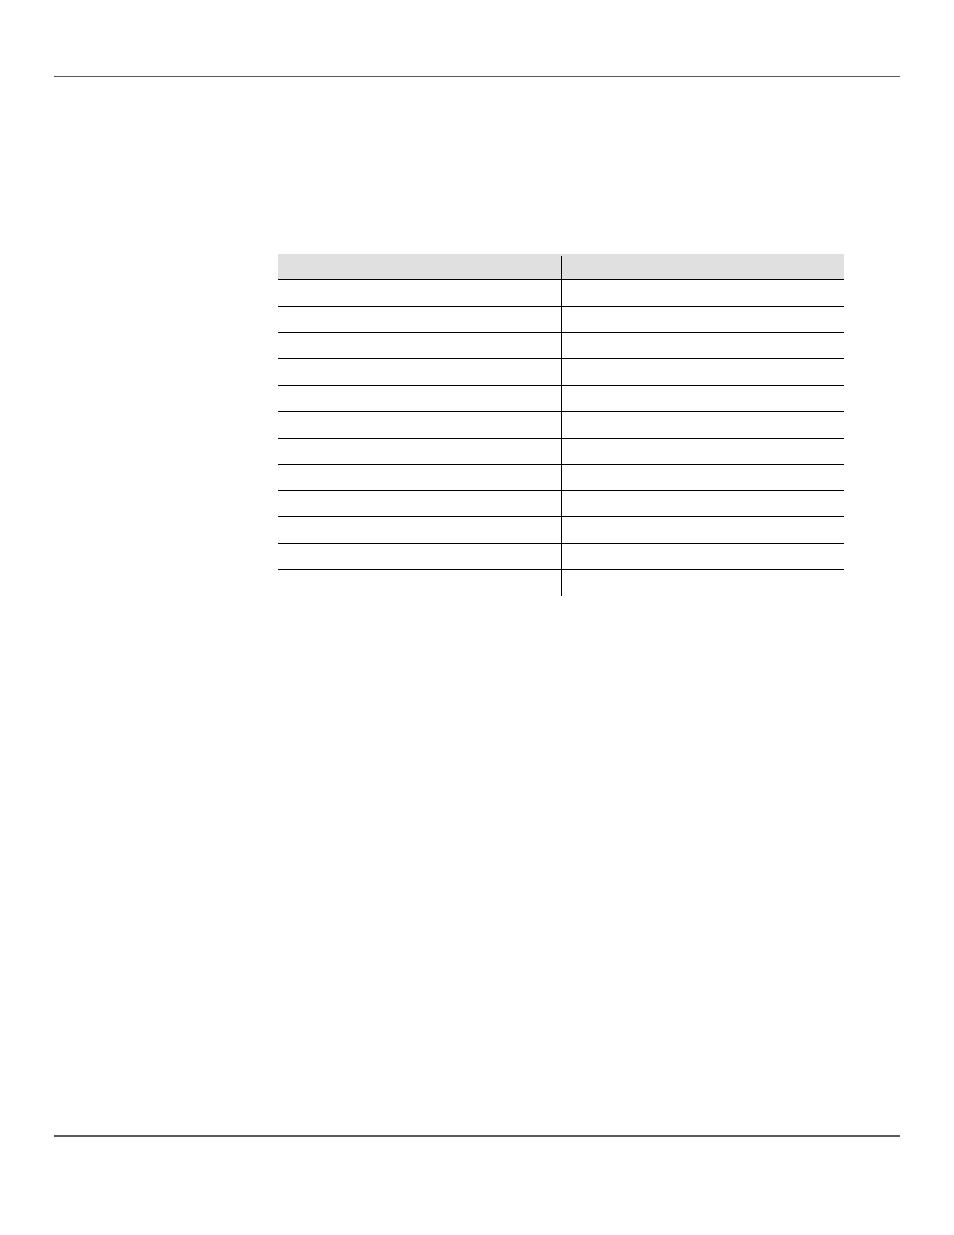 Configuration des adresses dmx, Tableau d'adressage dmx, Potentiomètres et  pages | Chauvet